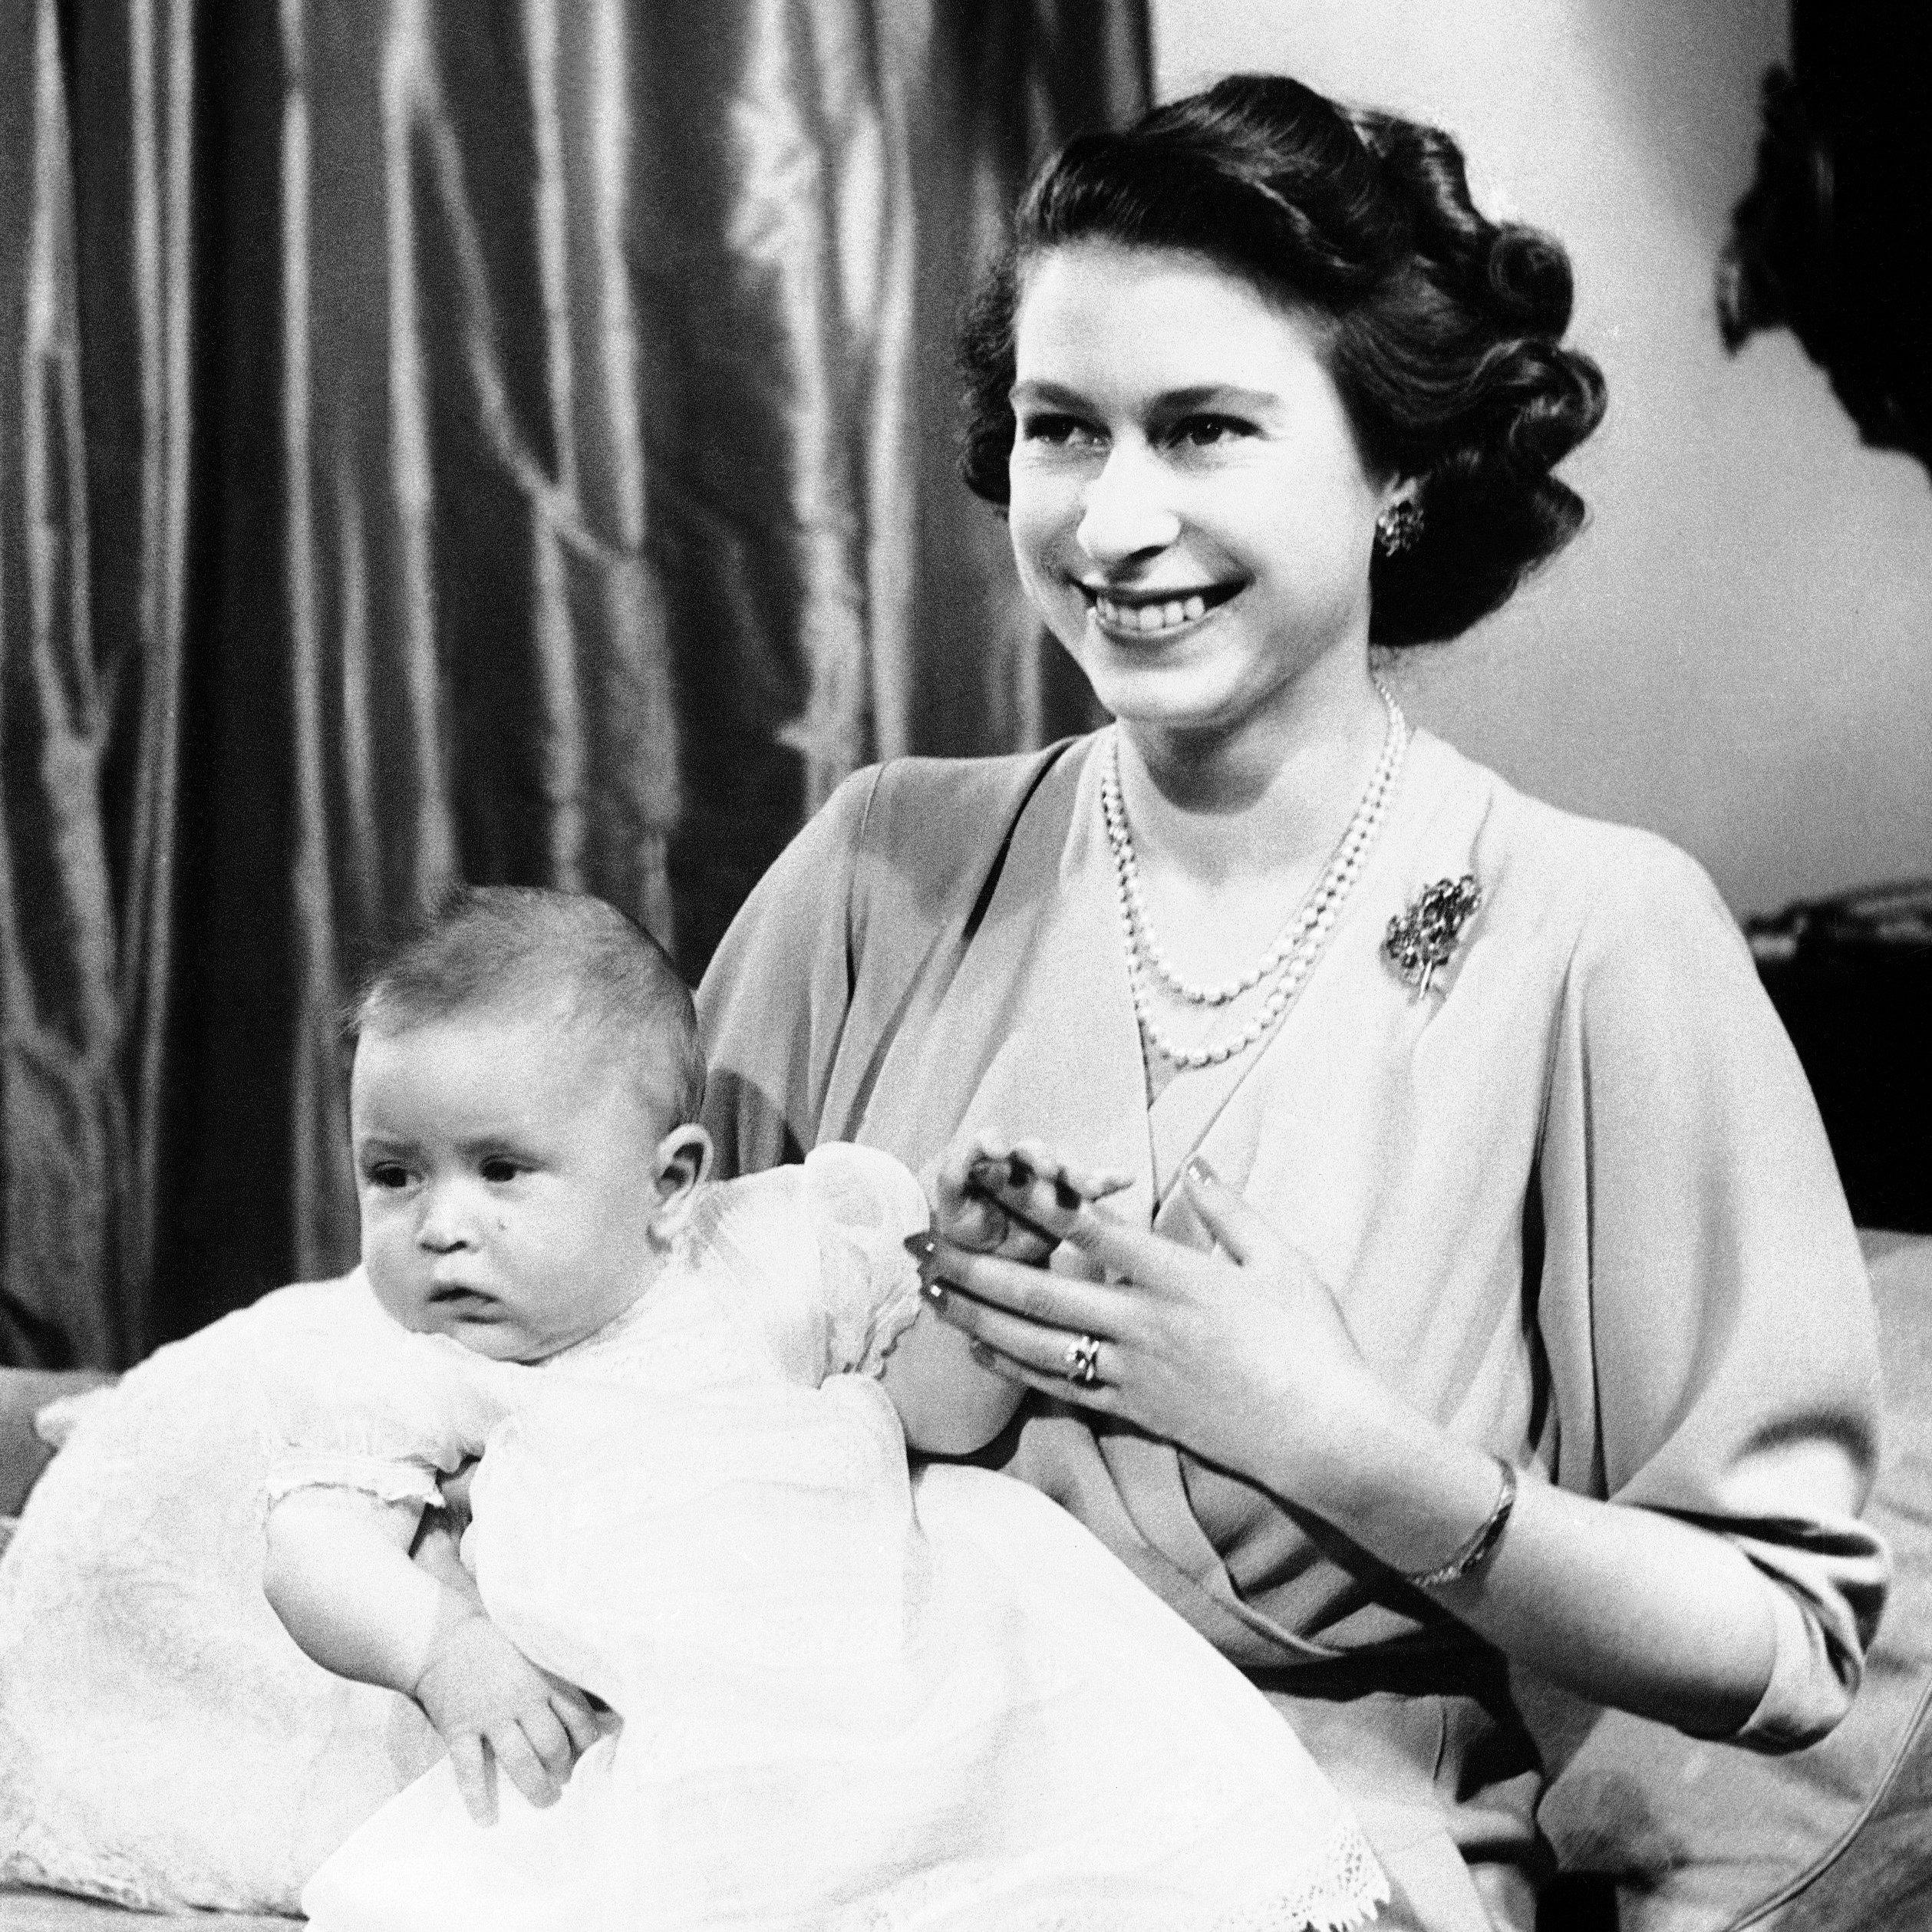 The Queen's birthday: Queen Elizabeth II's life in photos ...